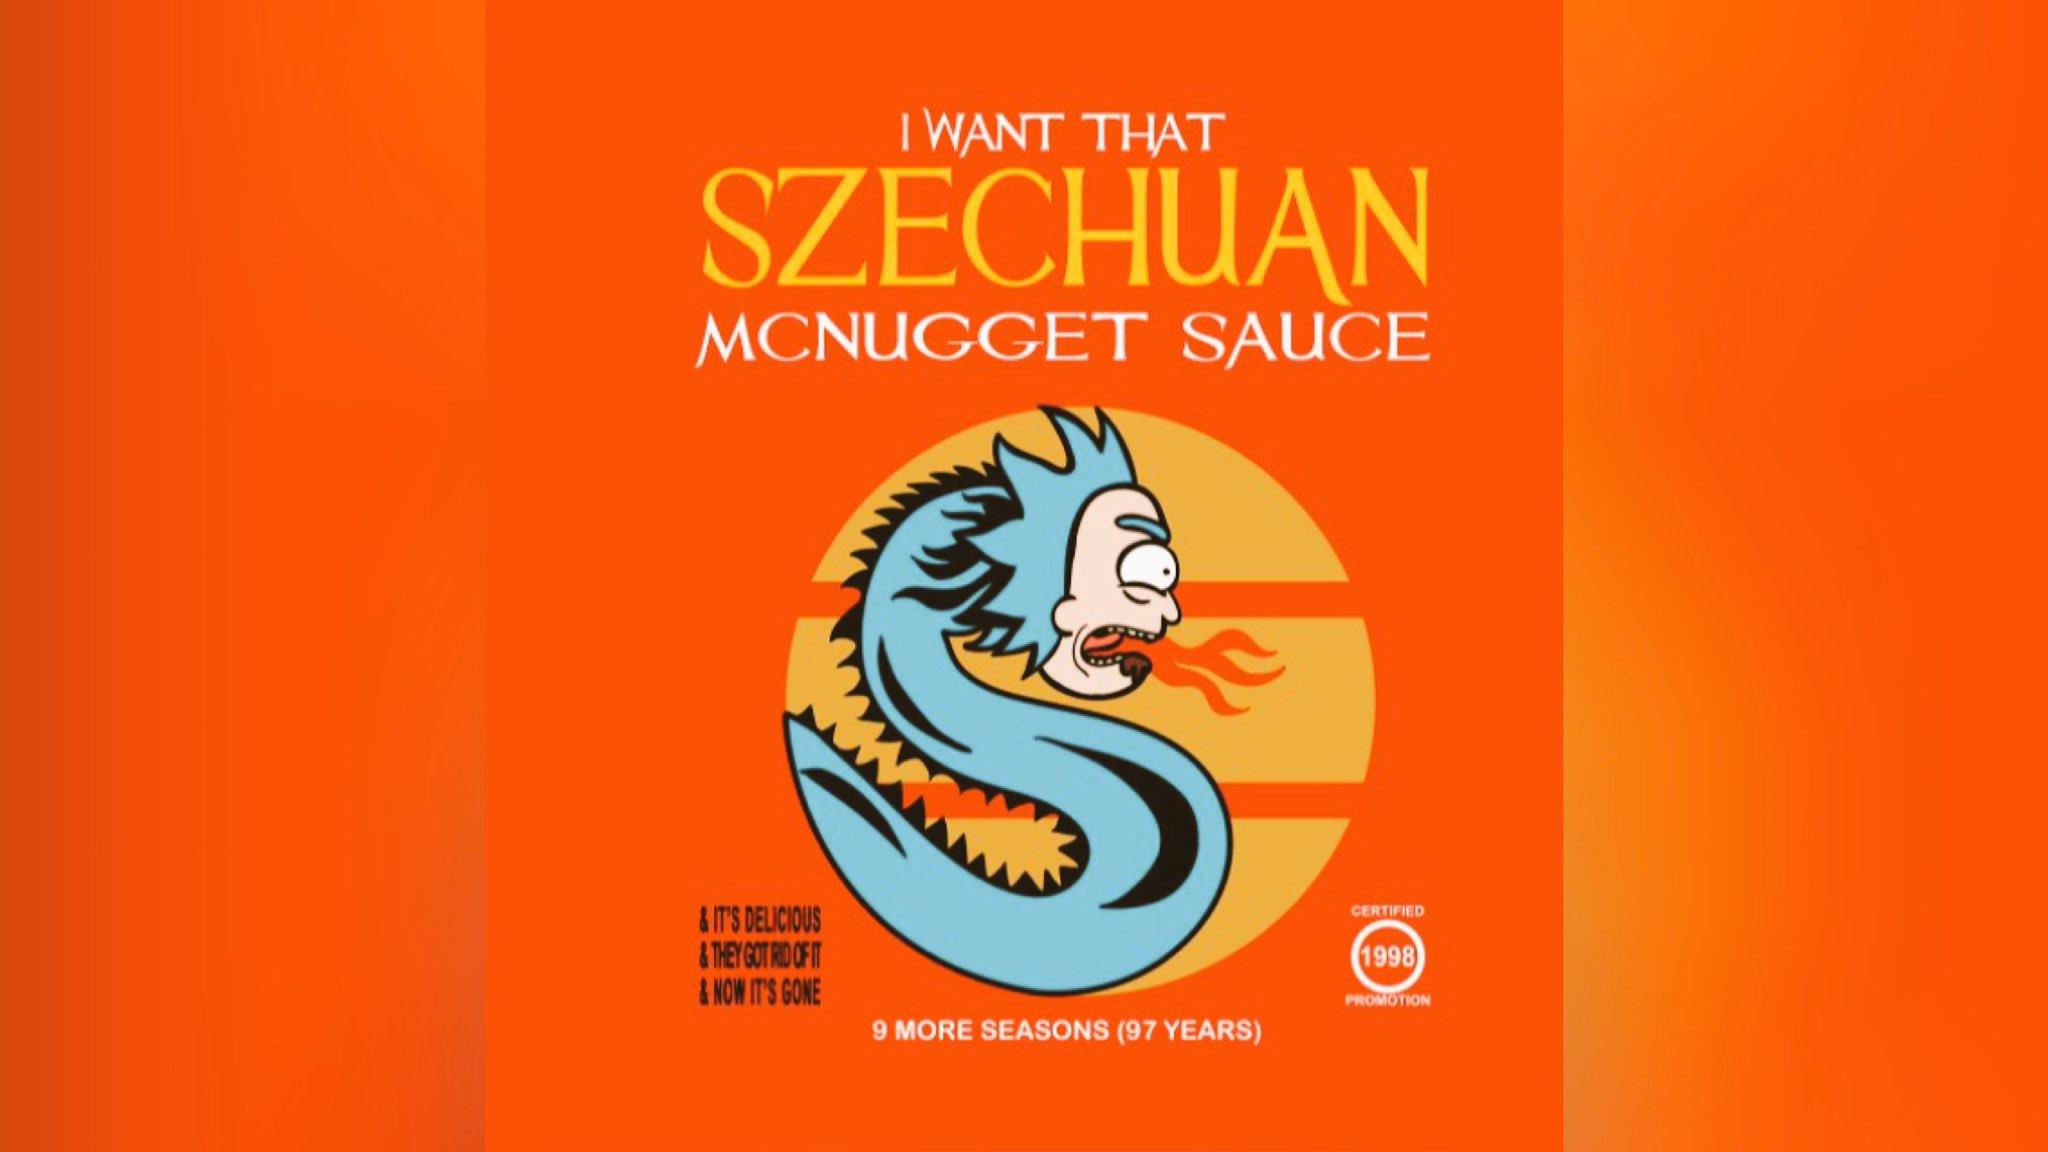 RT if you didn't get the #RickandMorty #szechuansauce https://t.co/9vJXITfkYA